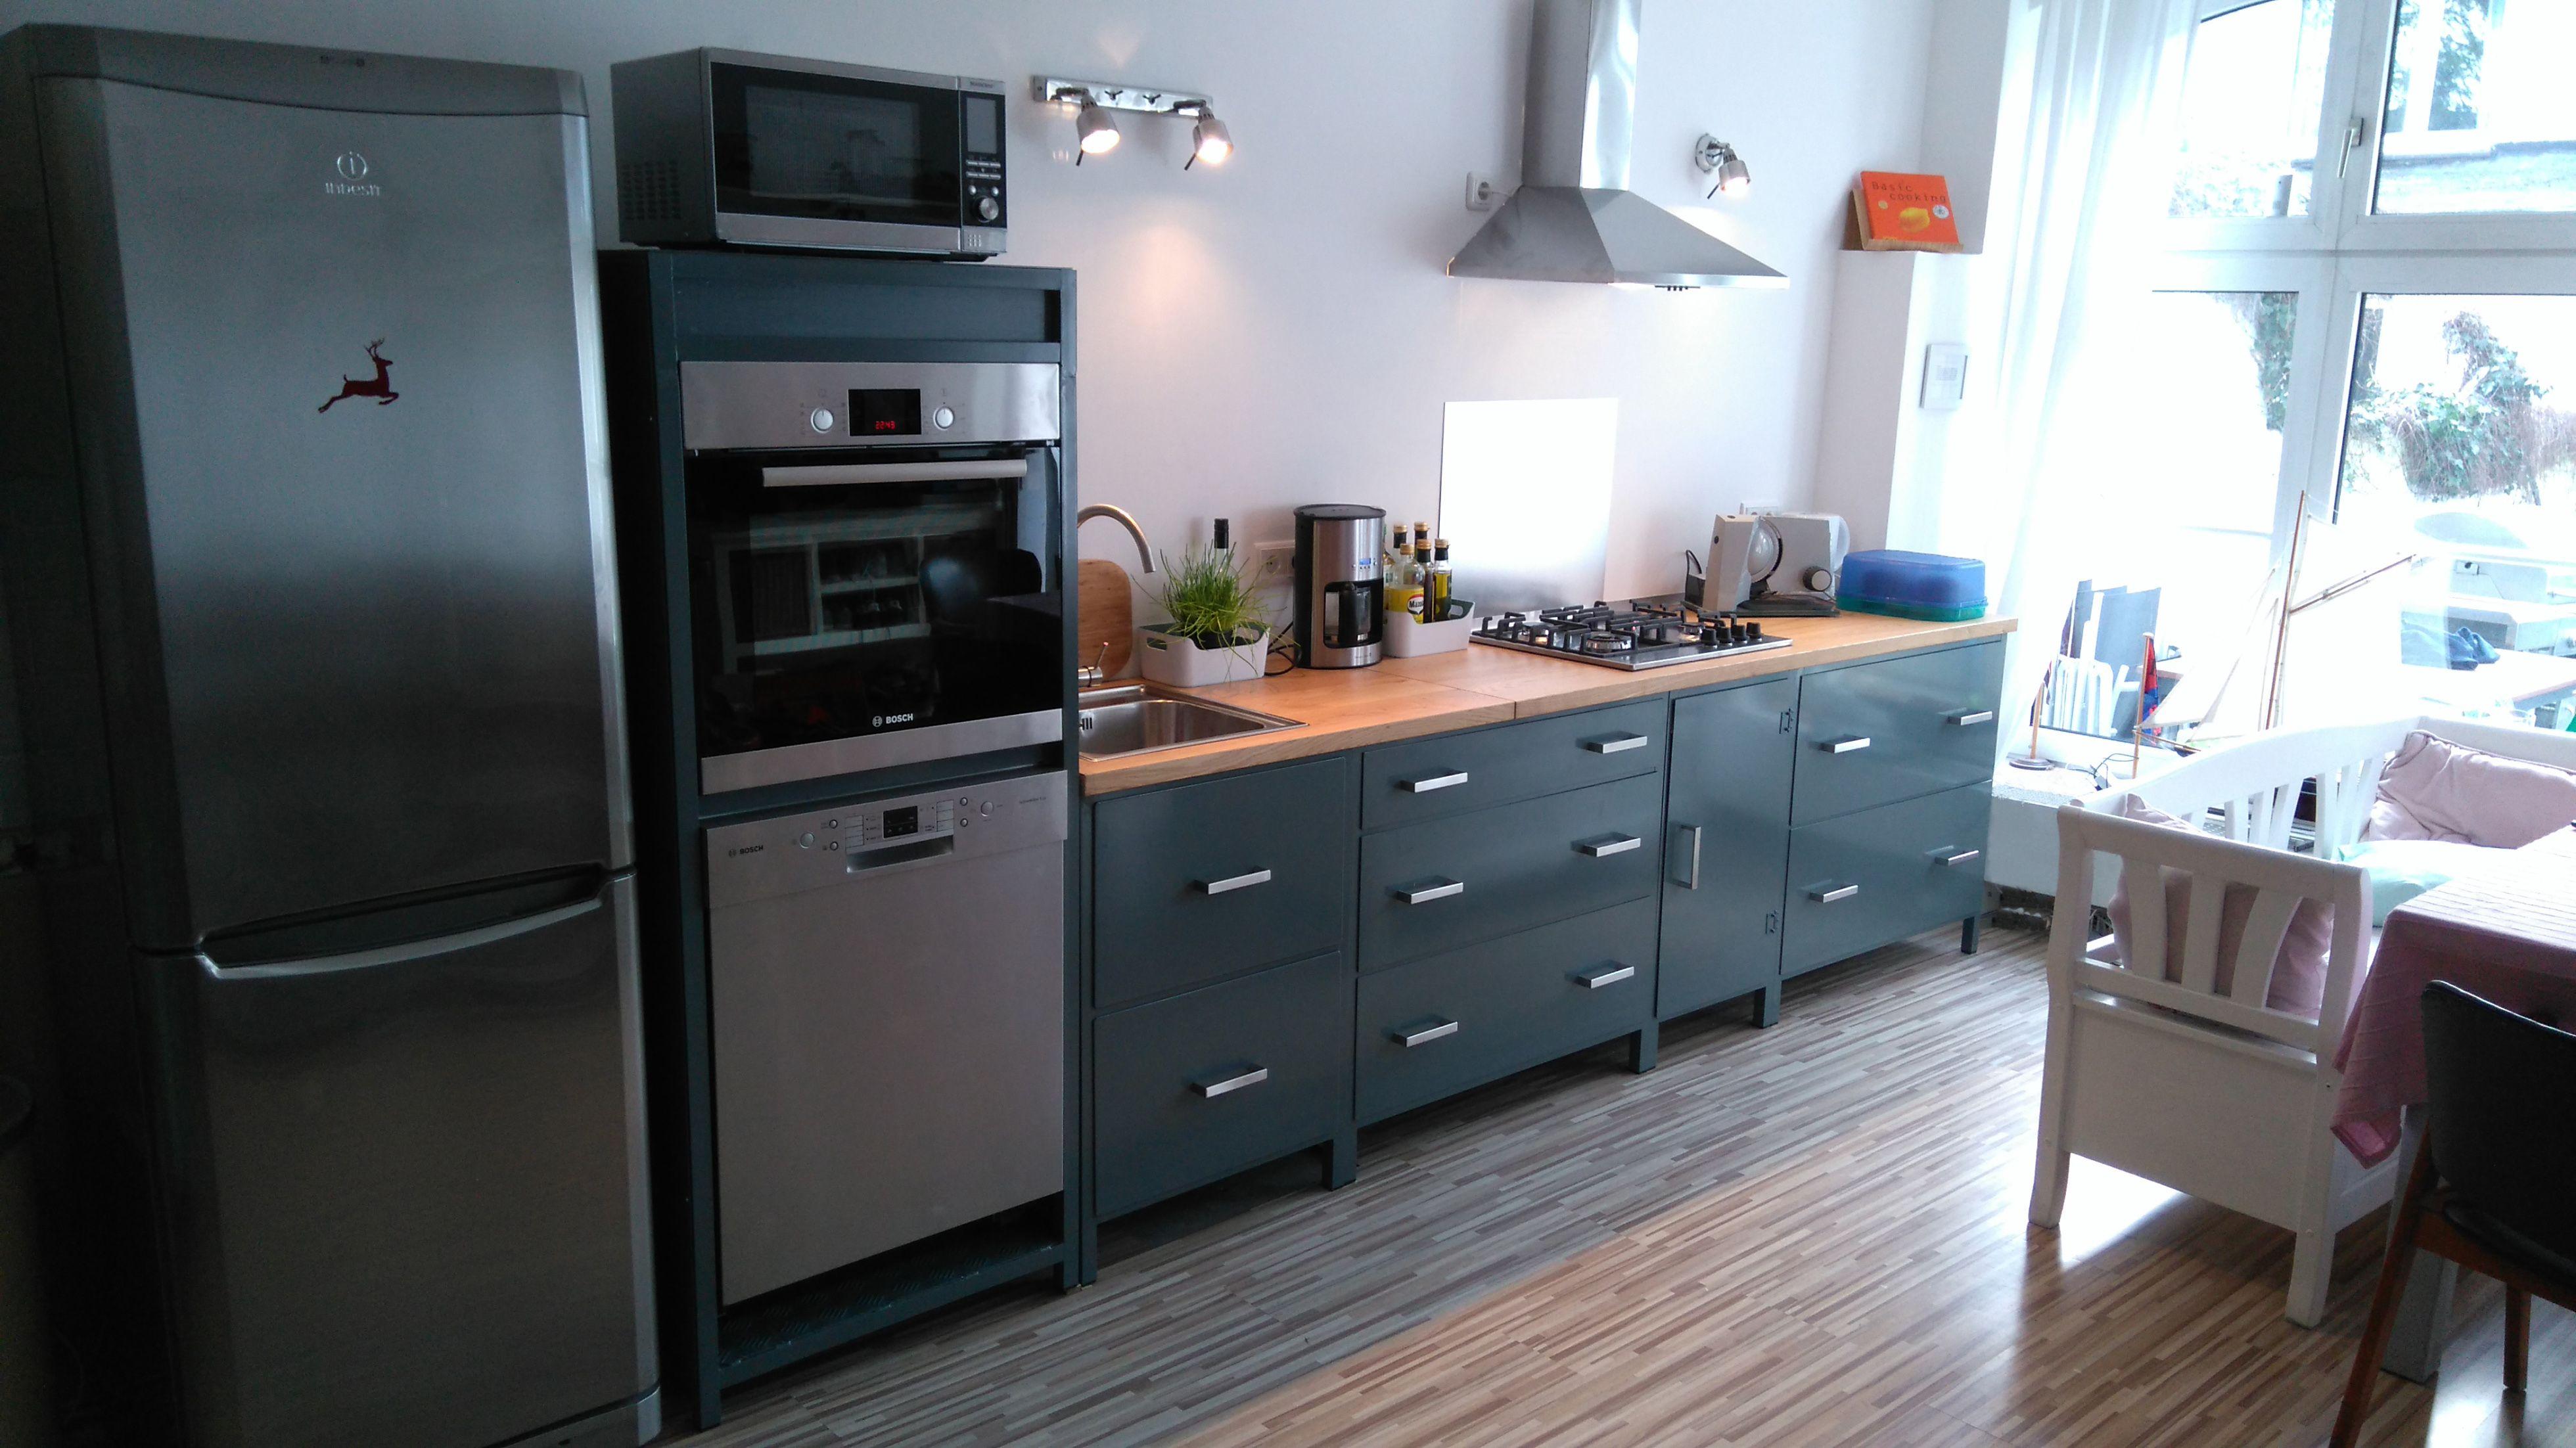 Hochwertige küchenmöbel  Hochwertige Küchenmöbel aus Aluminium. In der Optik angelehnt an ...